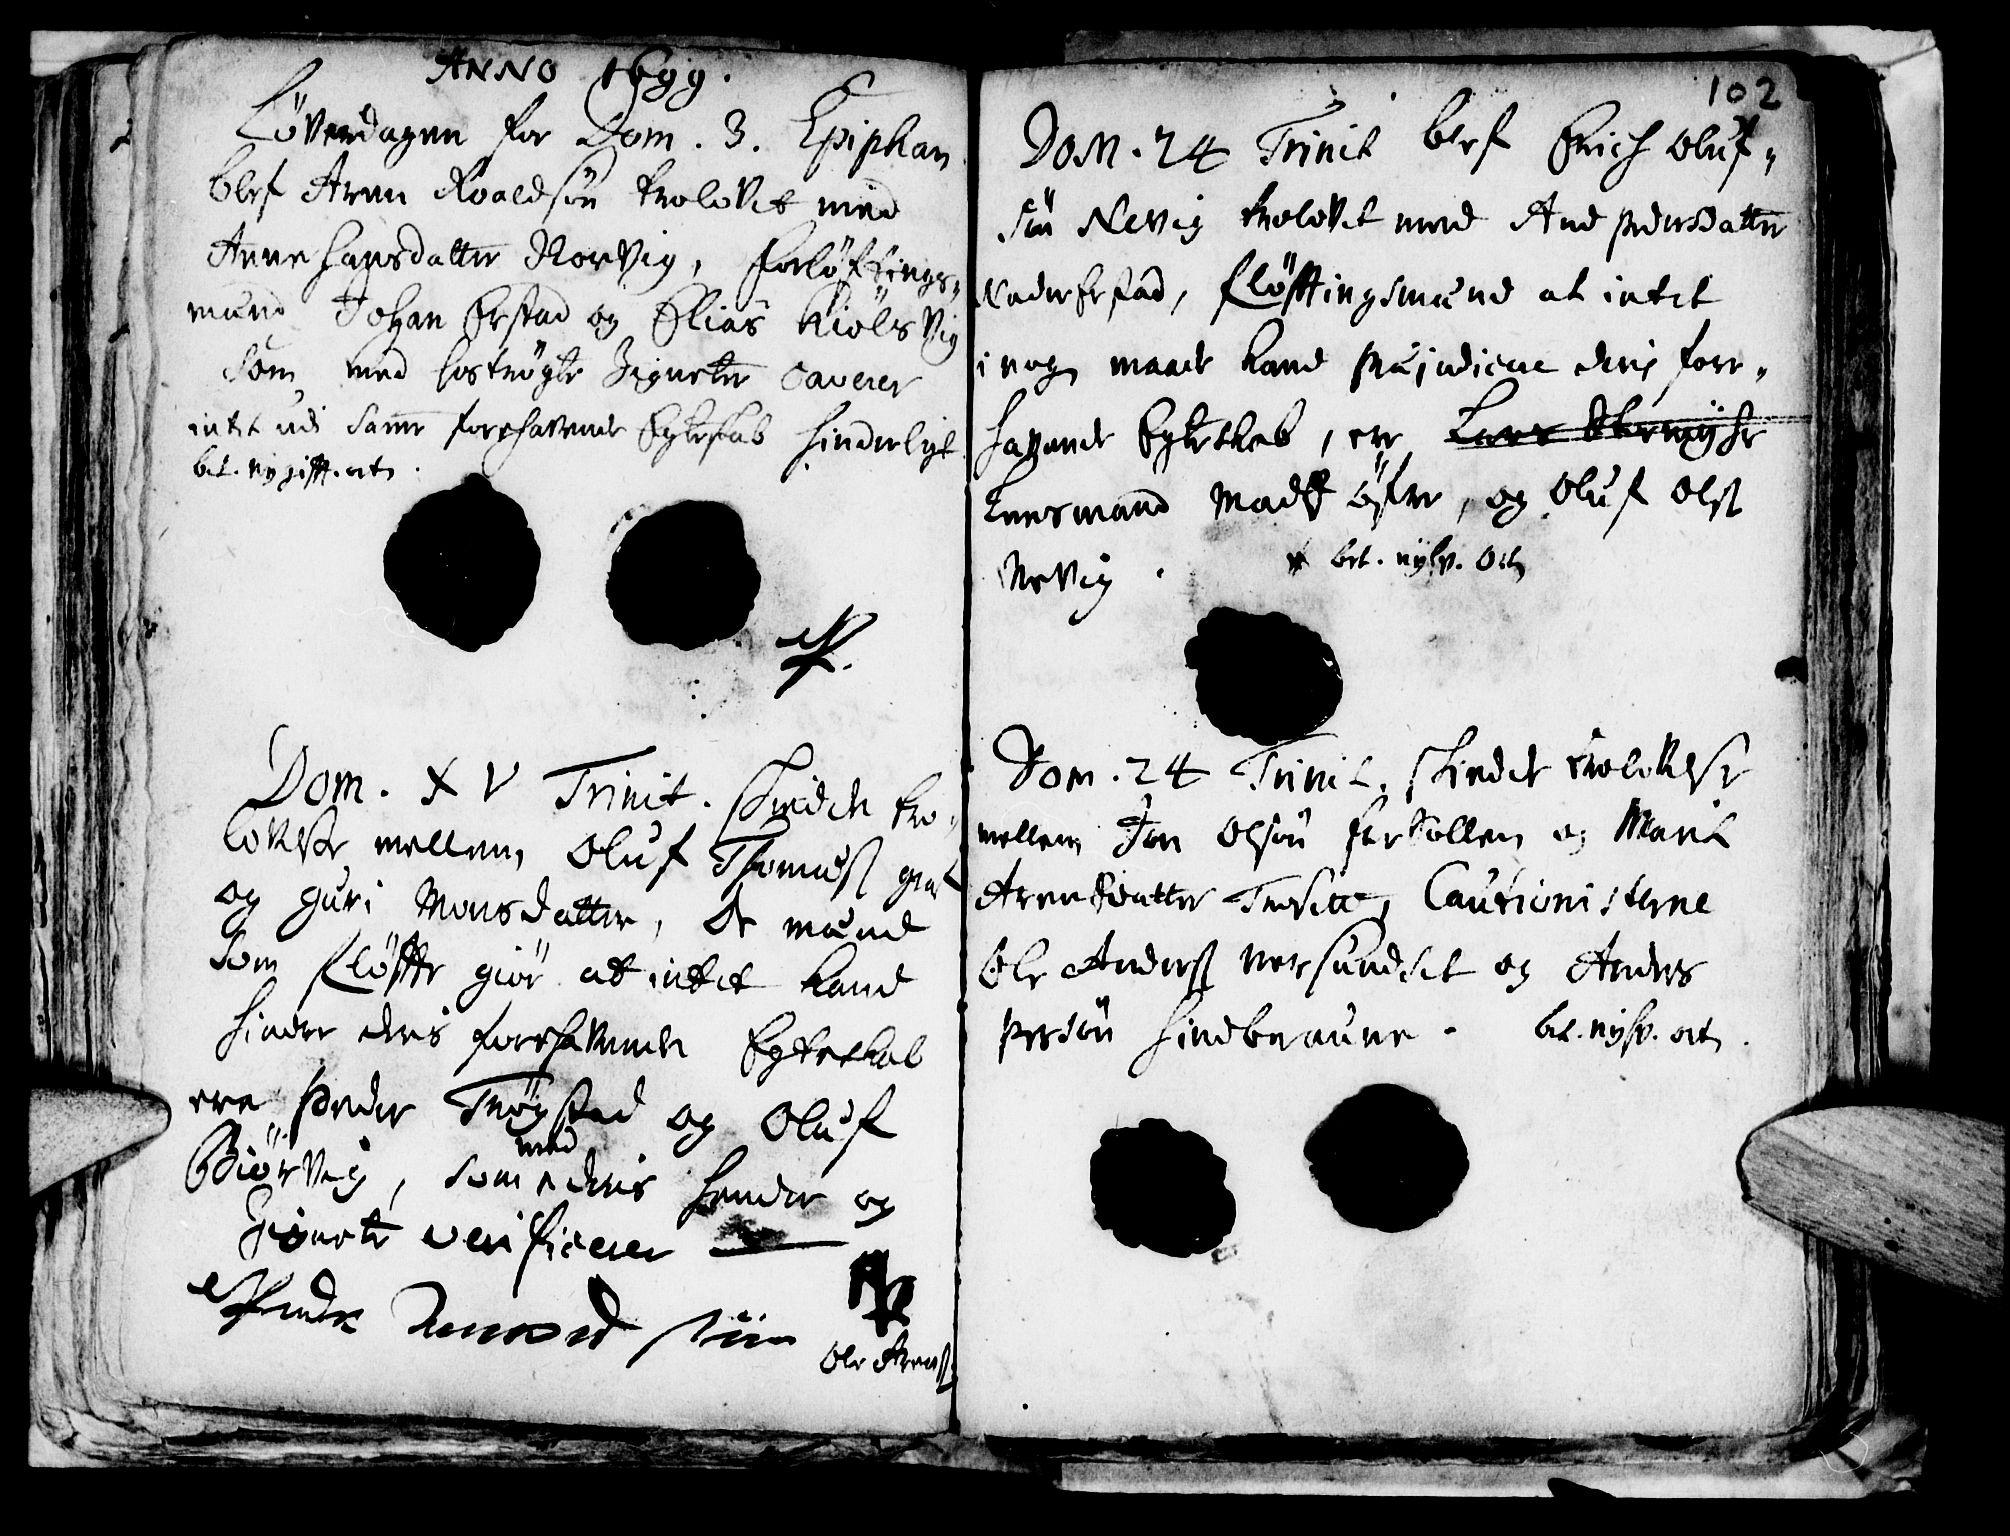 SAT, Ministerialprotokoller, klokkerbøker og fødselsregistre - Nord-Trøndelag, 722/L0214: Ministerialbok nr. 722A01, 1692-1718, s. 102